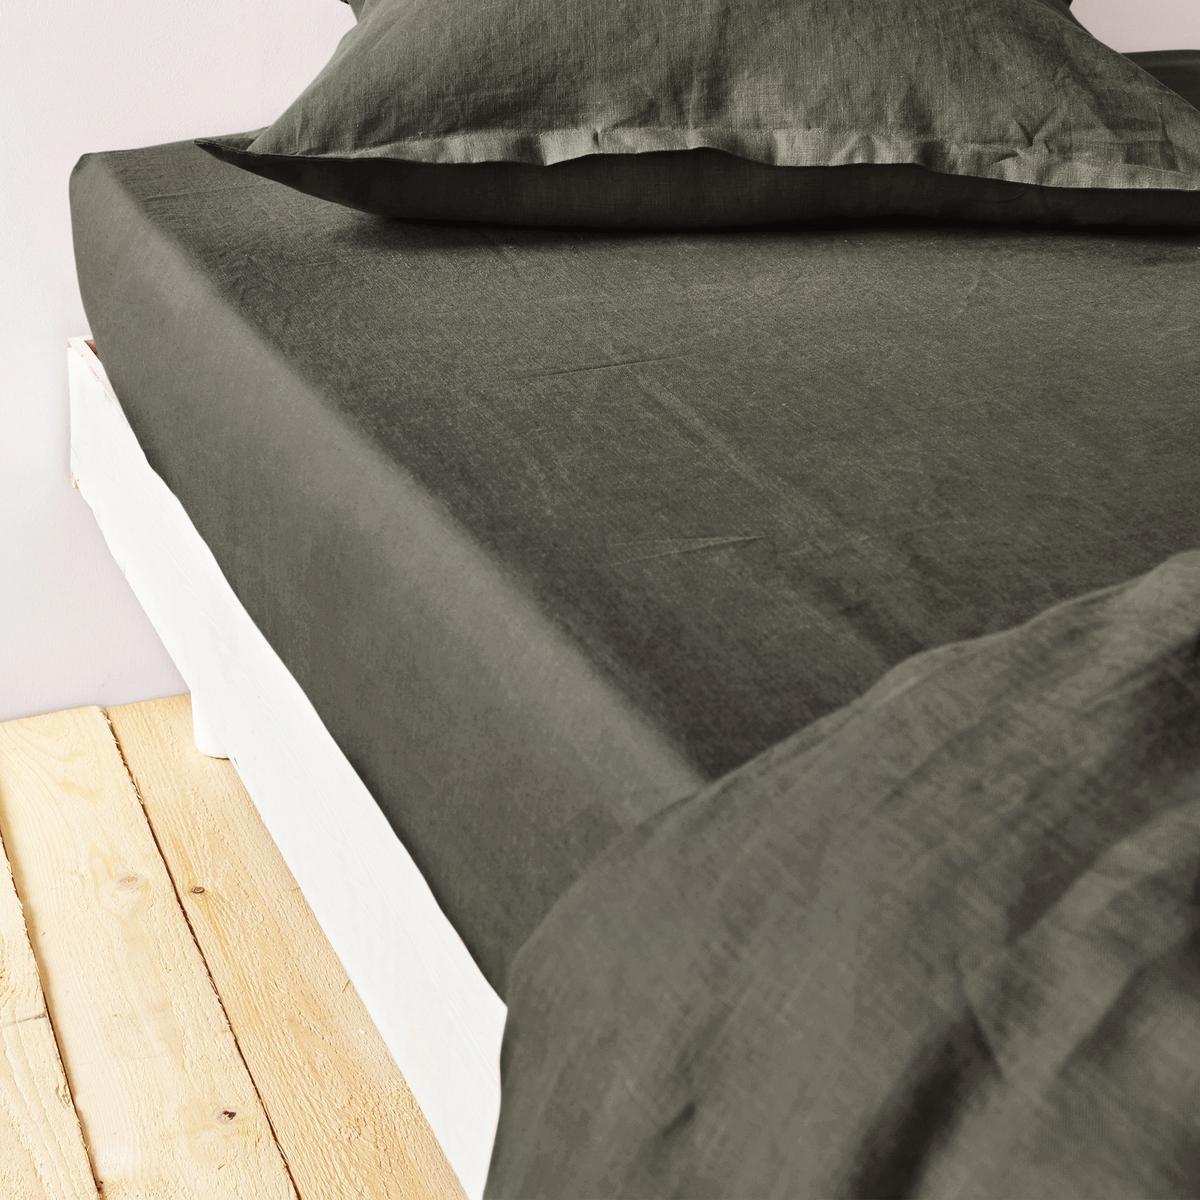 Натяжная простыня из 100% льна светлого цветаРоскошная гамма цветов для создания комплекта постельного белья по вашему желанию. Эта простыня будет долго радовать вас своим внешним видом и мягкостью ! Отлично сочетается с однотонным или цветочным рисунком.Клапан 30 см шириной.Машинная стирка при 60 °C.Знак Oeko-Tex® гарантирует, что товары протестированы и сертифицированы, не содержат вредных веществ, которые могли бы нанести вред здоровью. Размер:                                   090 х 190 см                                  180 x 200 см                                   140 x 190 см                                   160 x 200 см<br><br>Цвет: зеленый,кожа,серый хаки